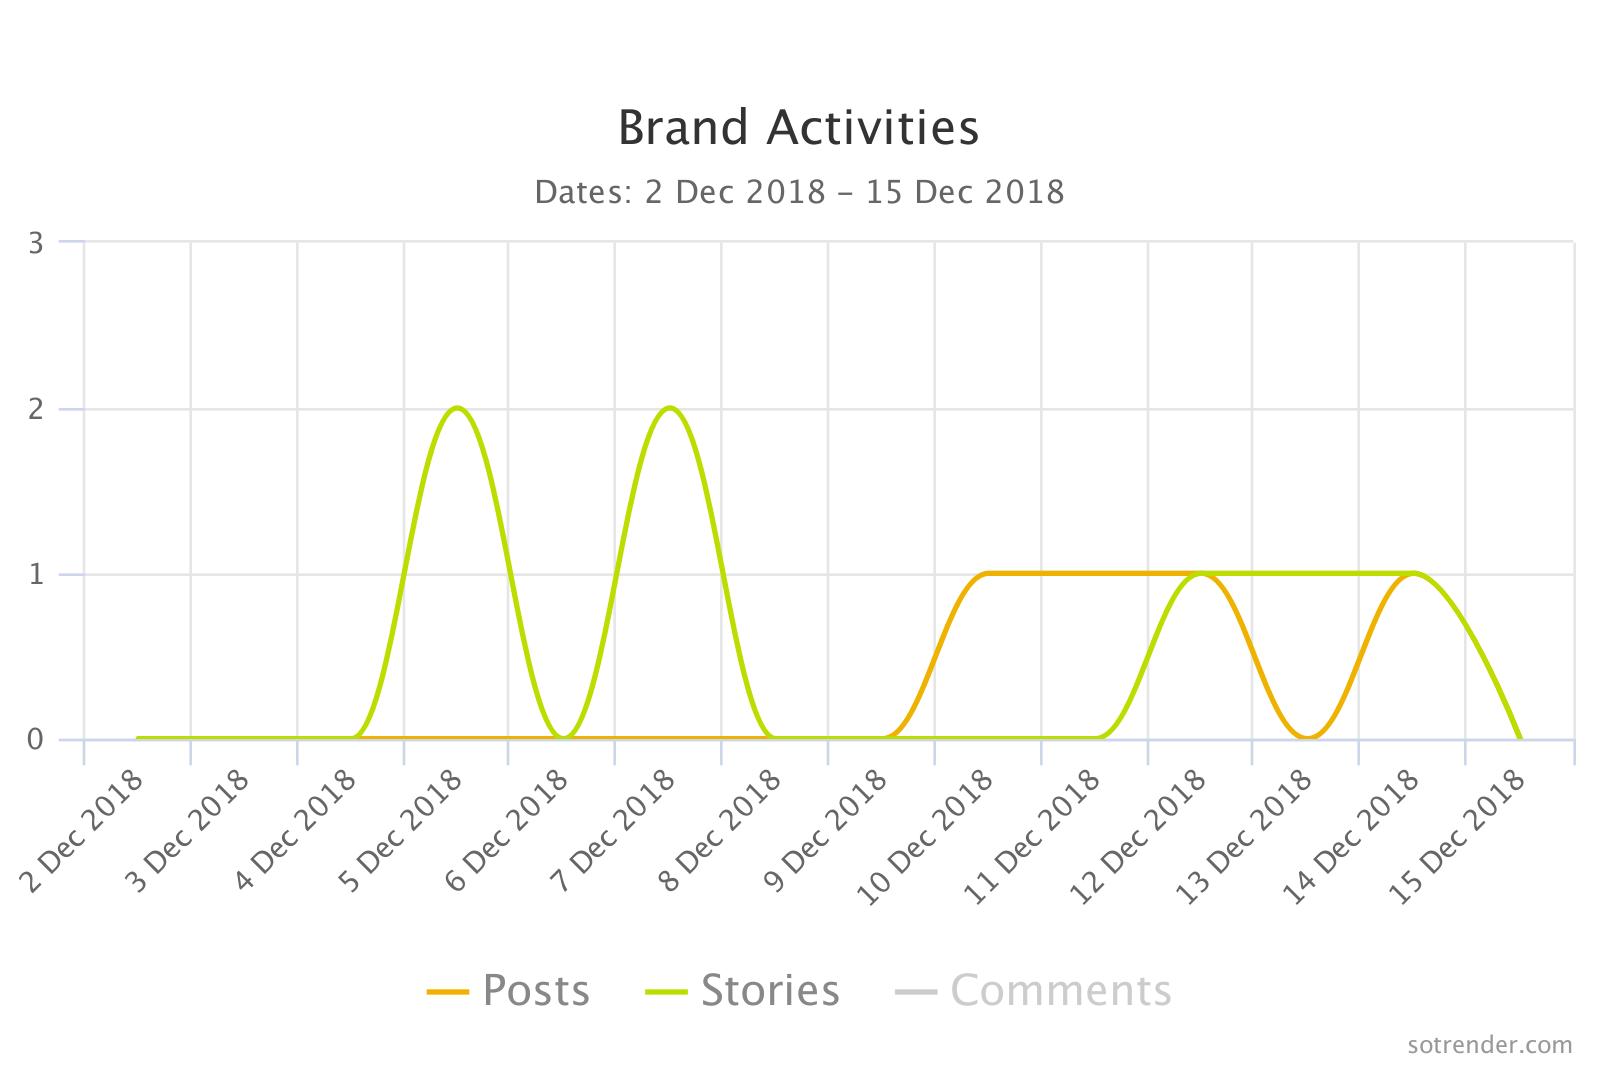 Brand Activities, Sotrender